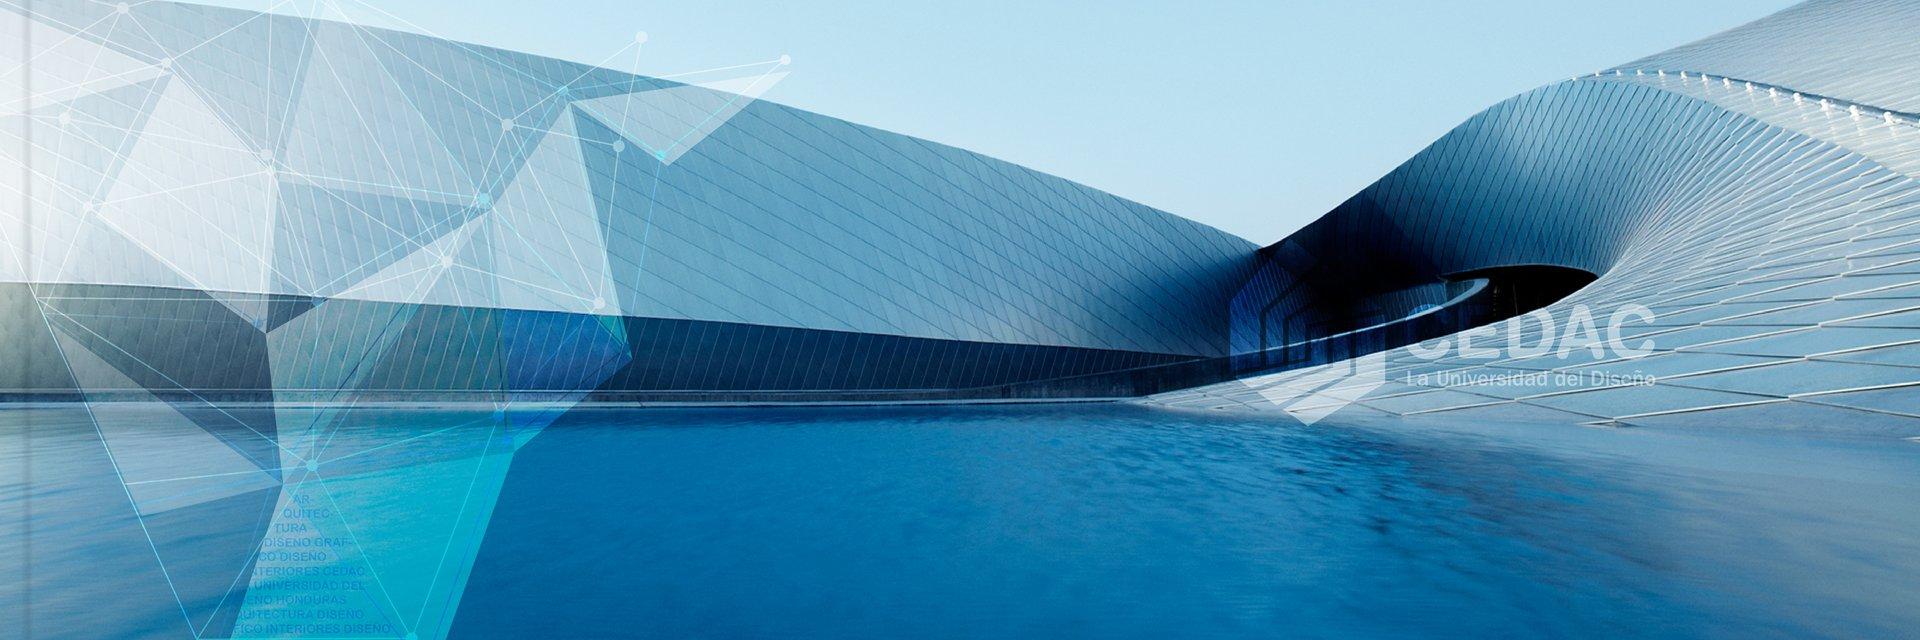 Centro de Diseño, Arquitectura y Construcción's official Twitter account